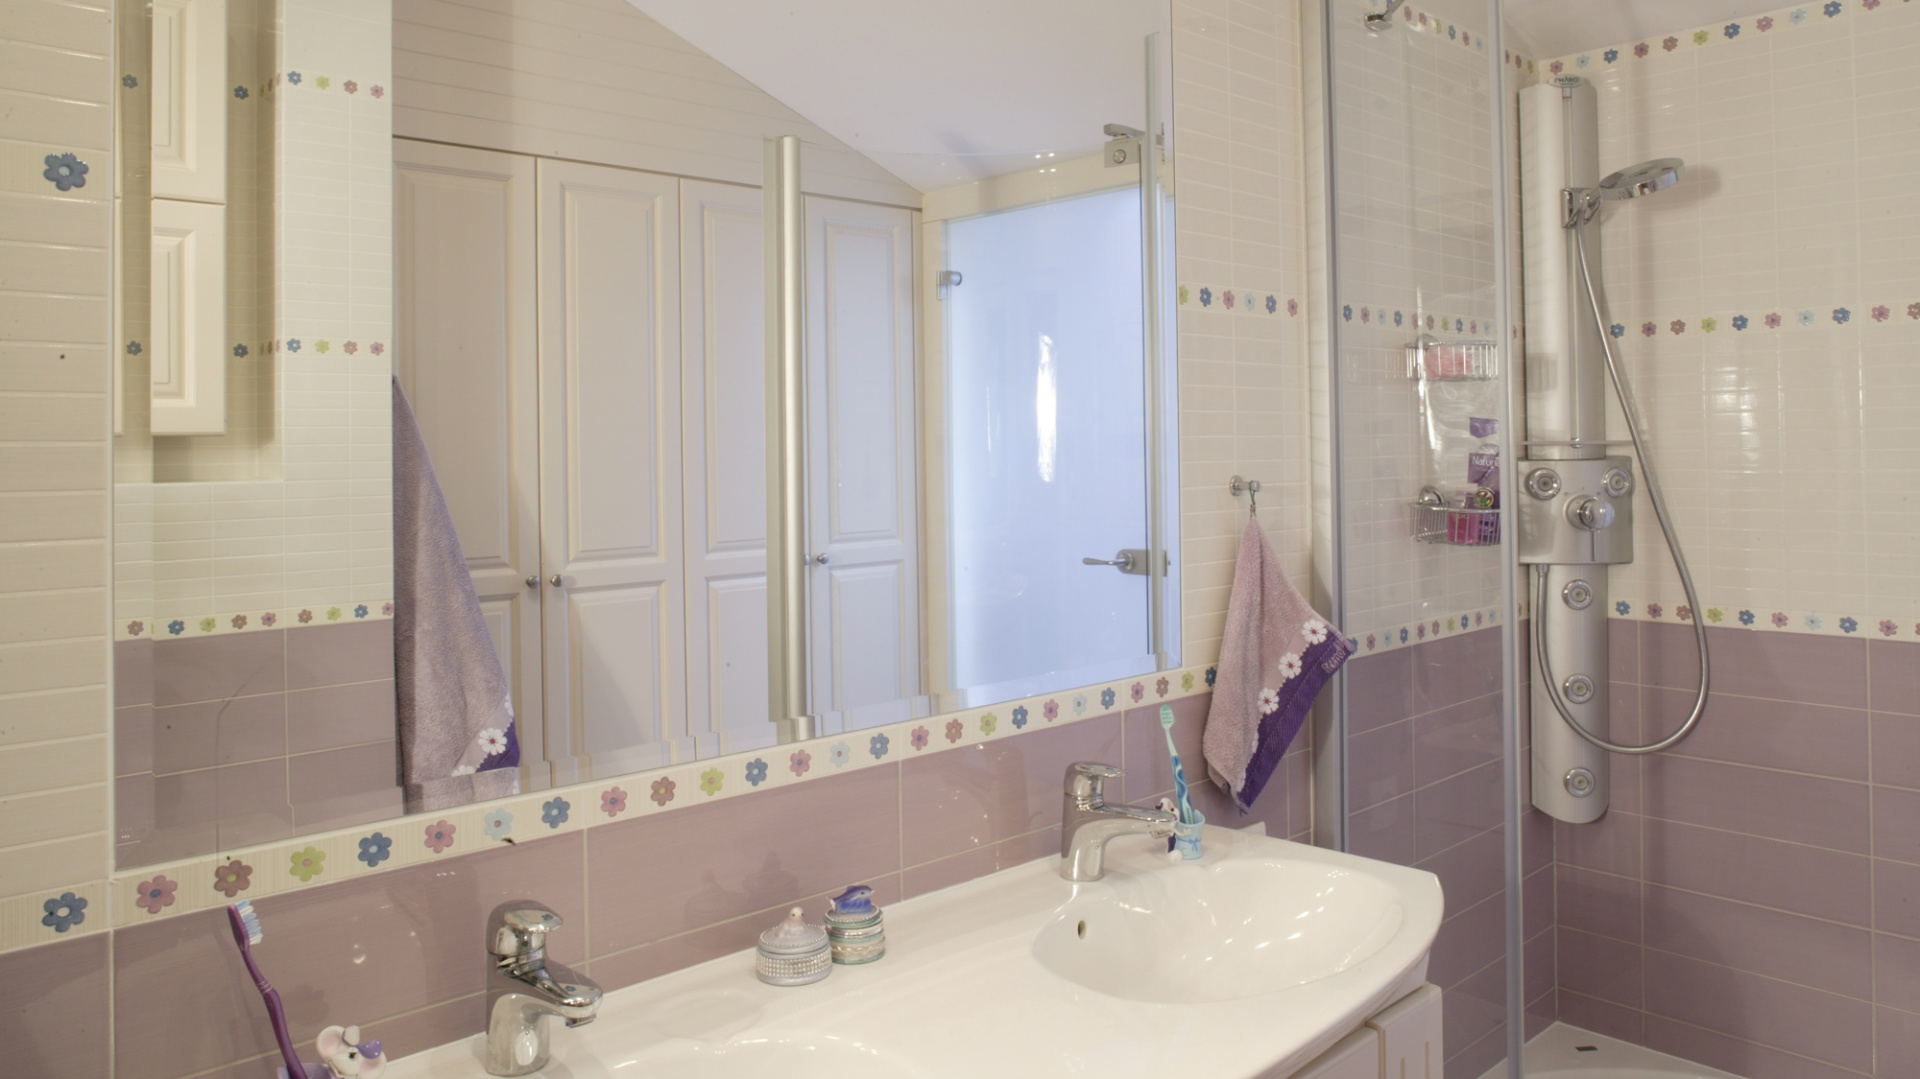 Podwójna umywalka pochodzi z oferty firmy Koło. Panel prysznicowo-masażowy firmy Hansgrohe jest wyposażony w specjalny termostat, który zapobiega ewentualnemu oparzeniu się przez dzieci. Fot. Monika Filipiuk.